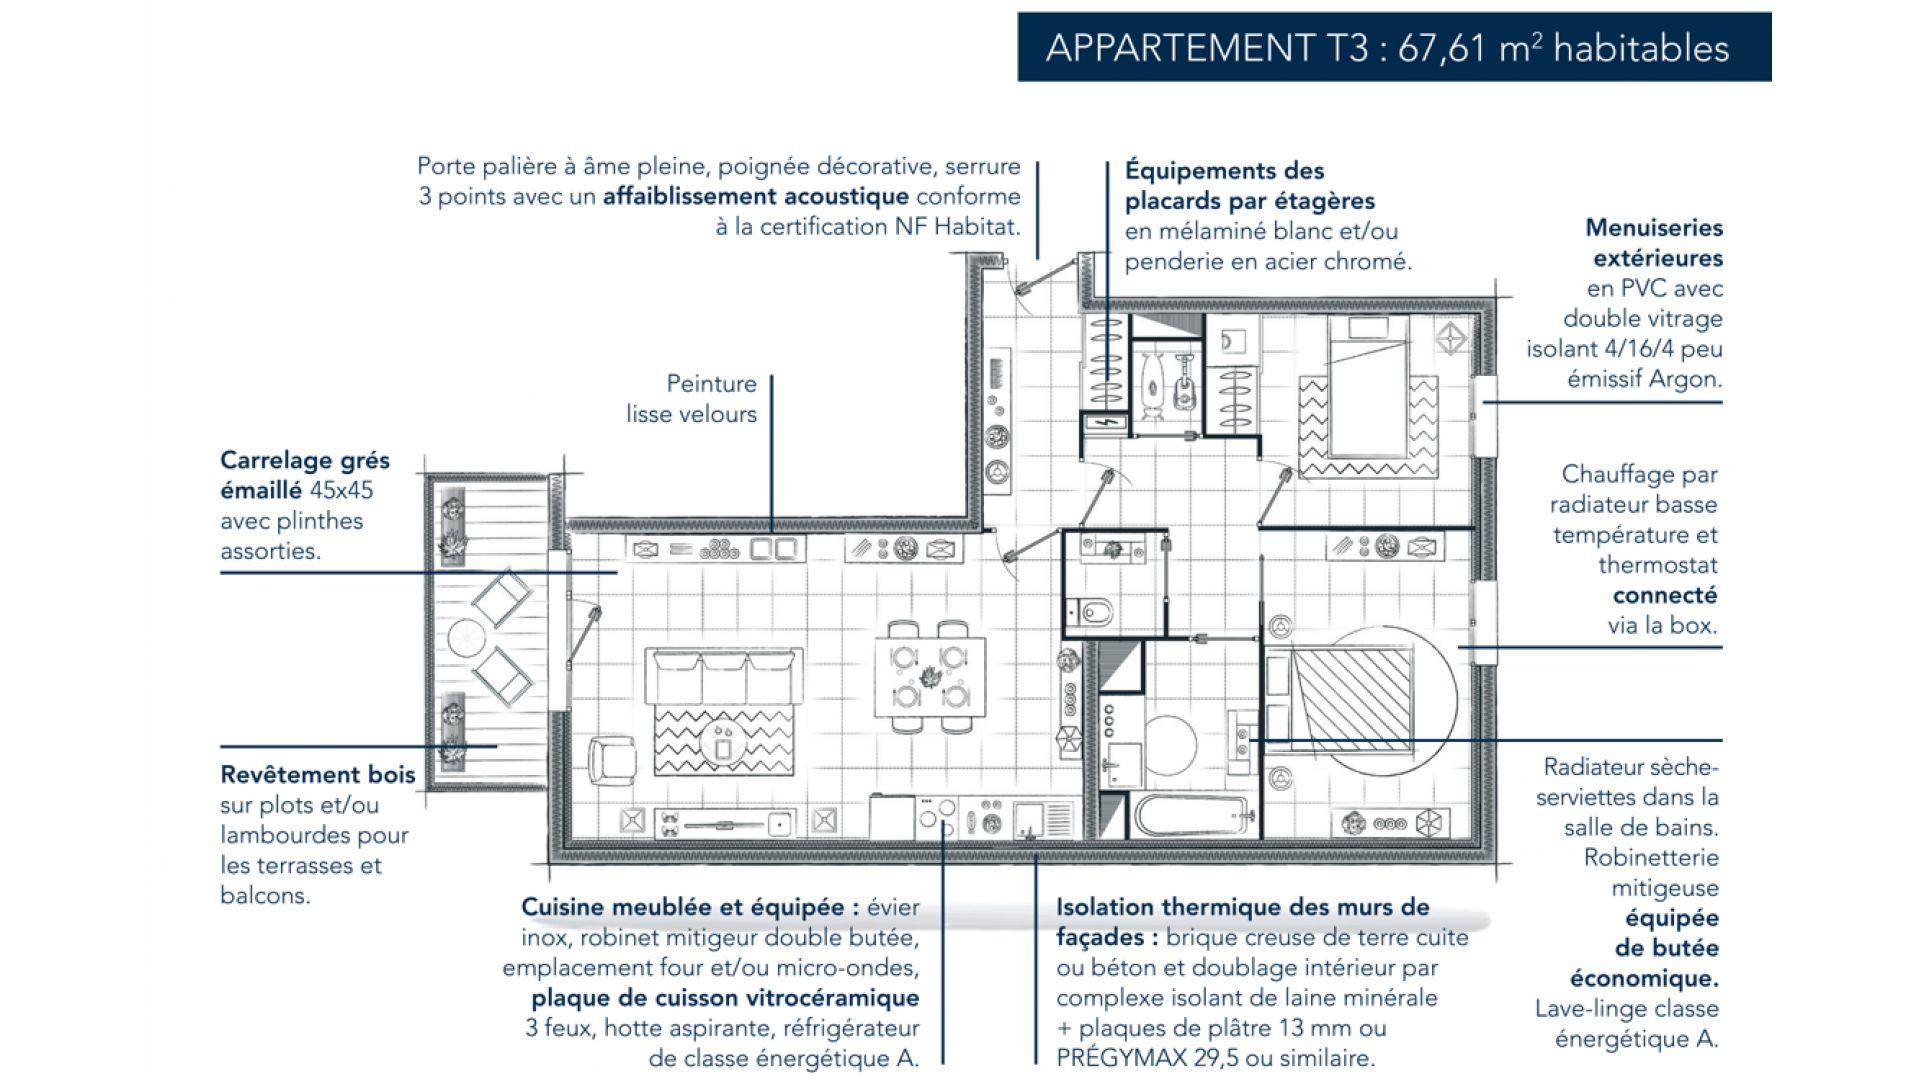 Greencity Immobilier - Résidence Le 122 Aéropostale - 93150 Le Blanc Mesnil - A vendre appartement du T1 bis au T4 Duplex - plan appartement T3